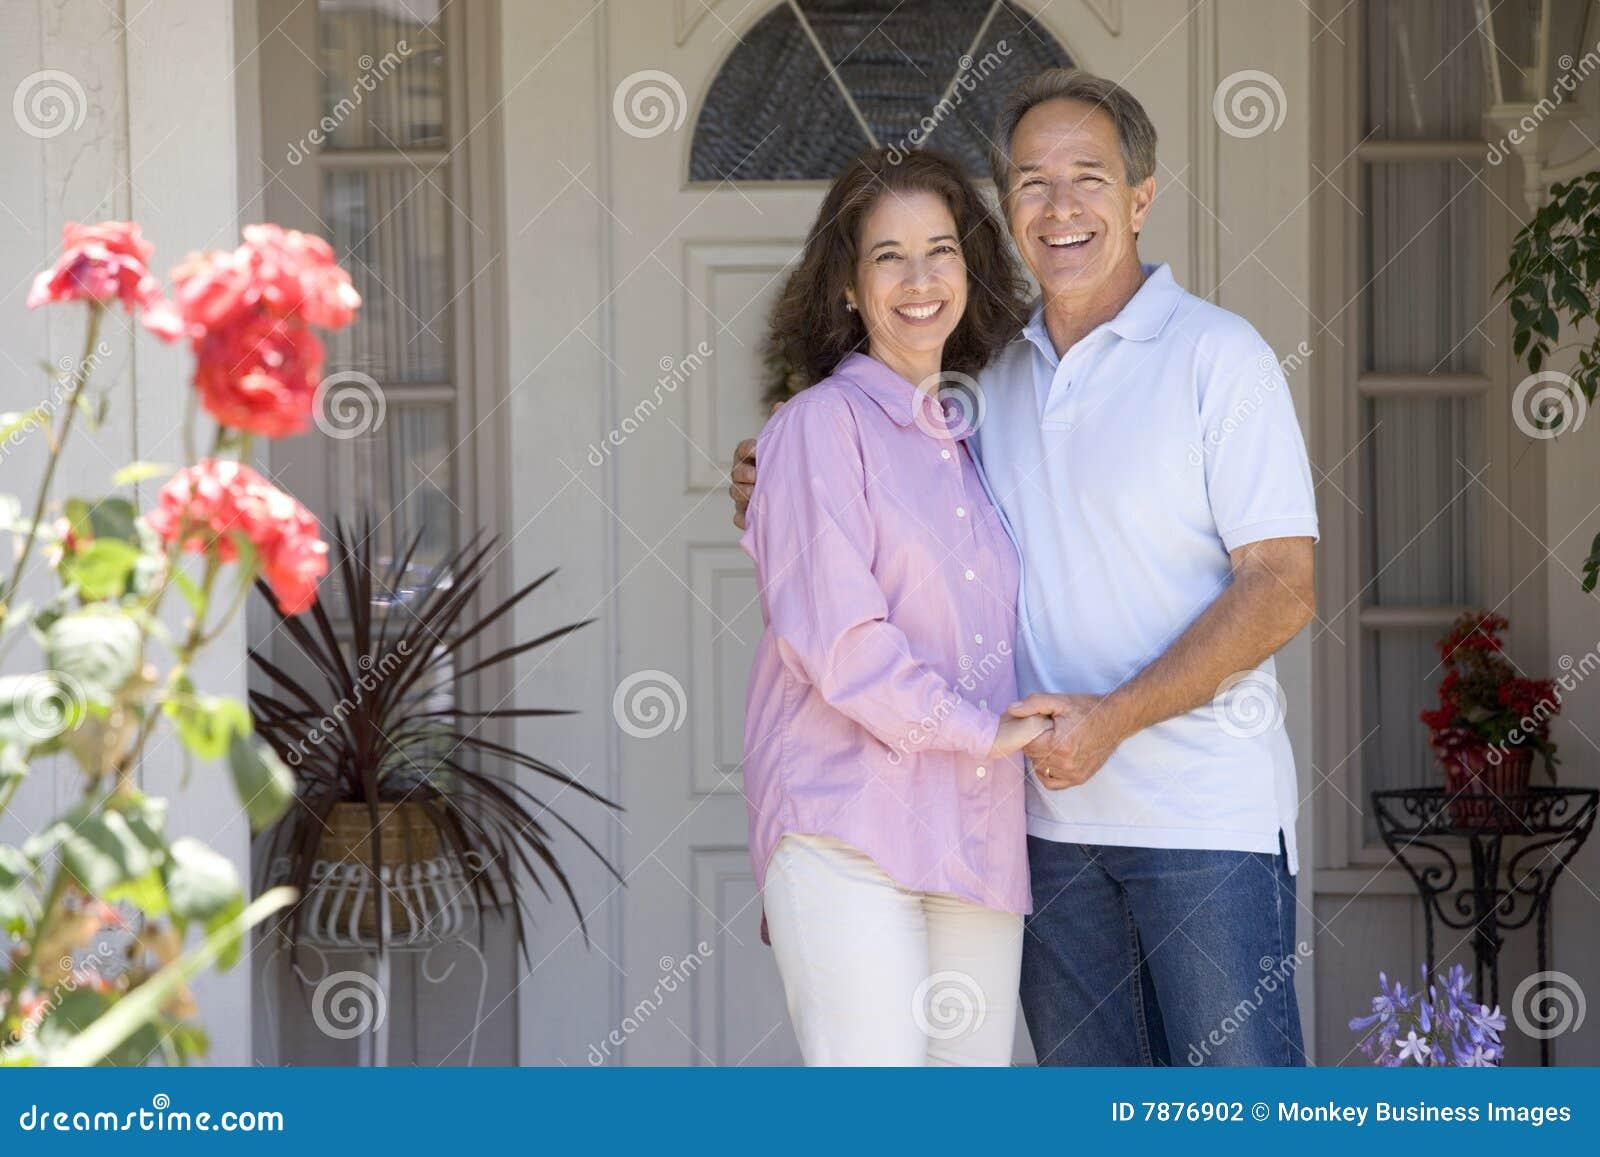 Фото семейной пары дома 10 фотография